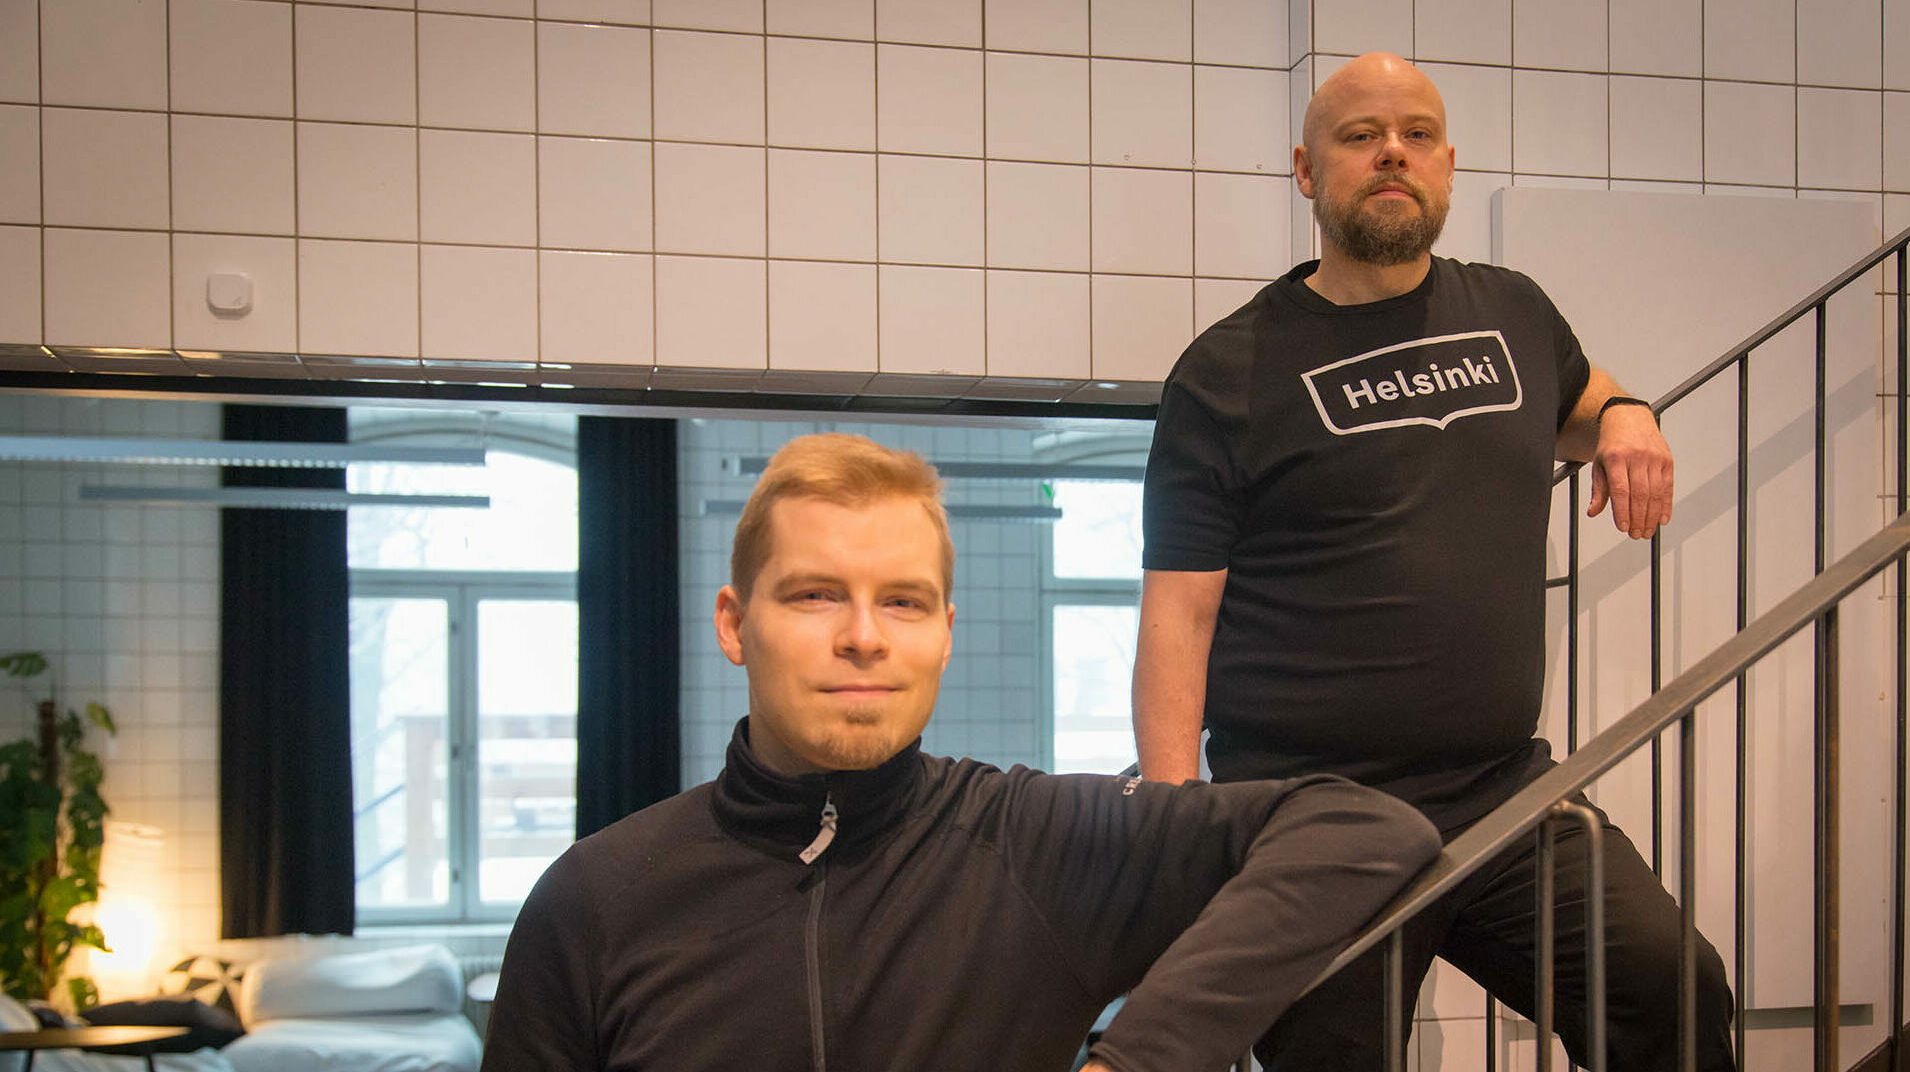 Kaksi miestä (Haila ja Sihvola) seisoo rinnakkain rappusilla, toinen alempana ja toinen ylempänä. Toisella on päällä t-paita, jonka rinnassa on Helsingin kaupungin logo.